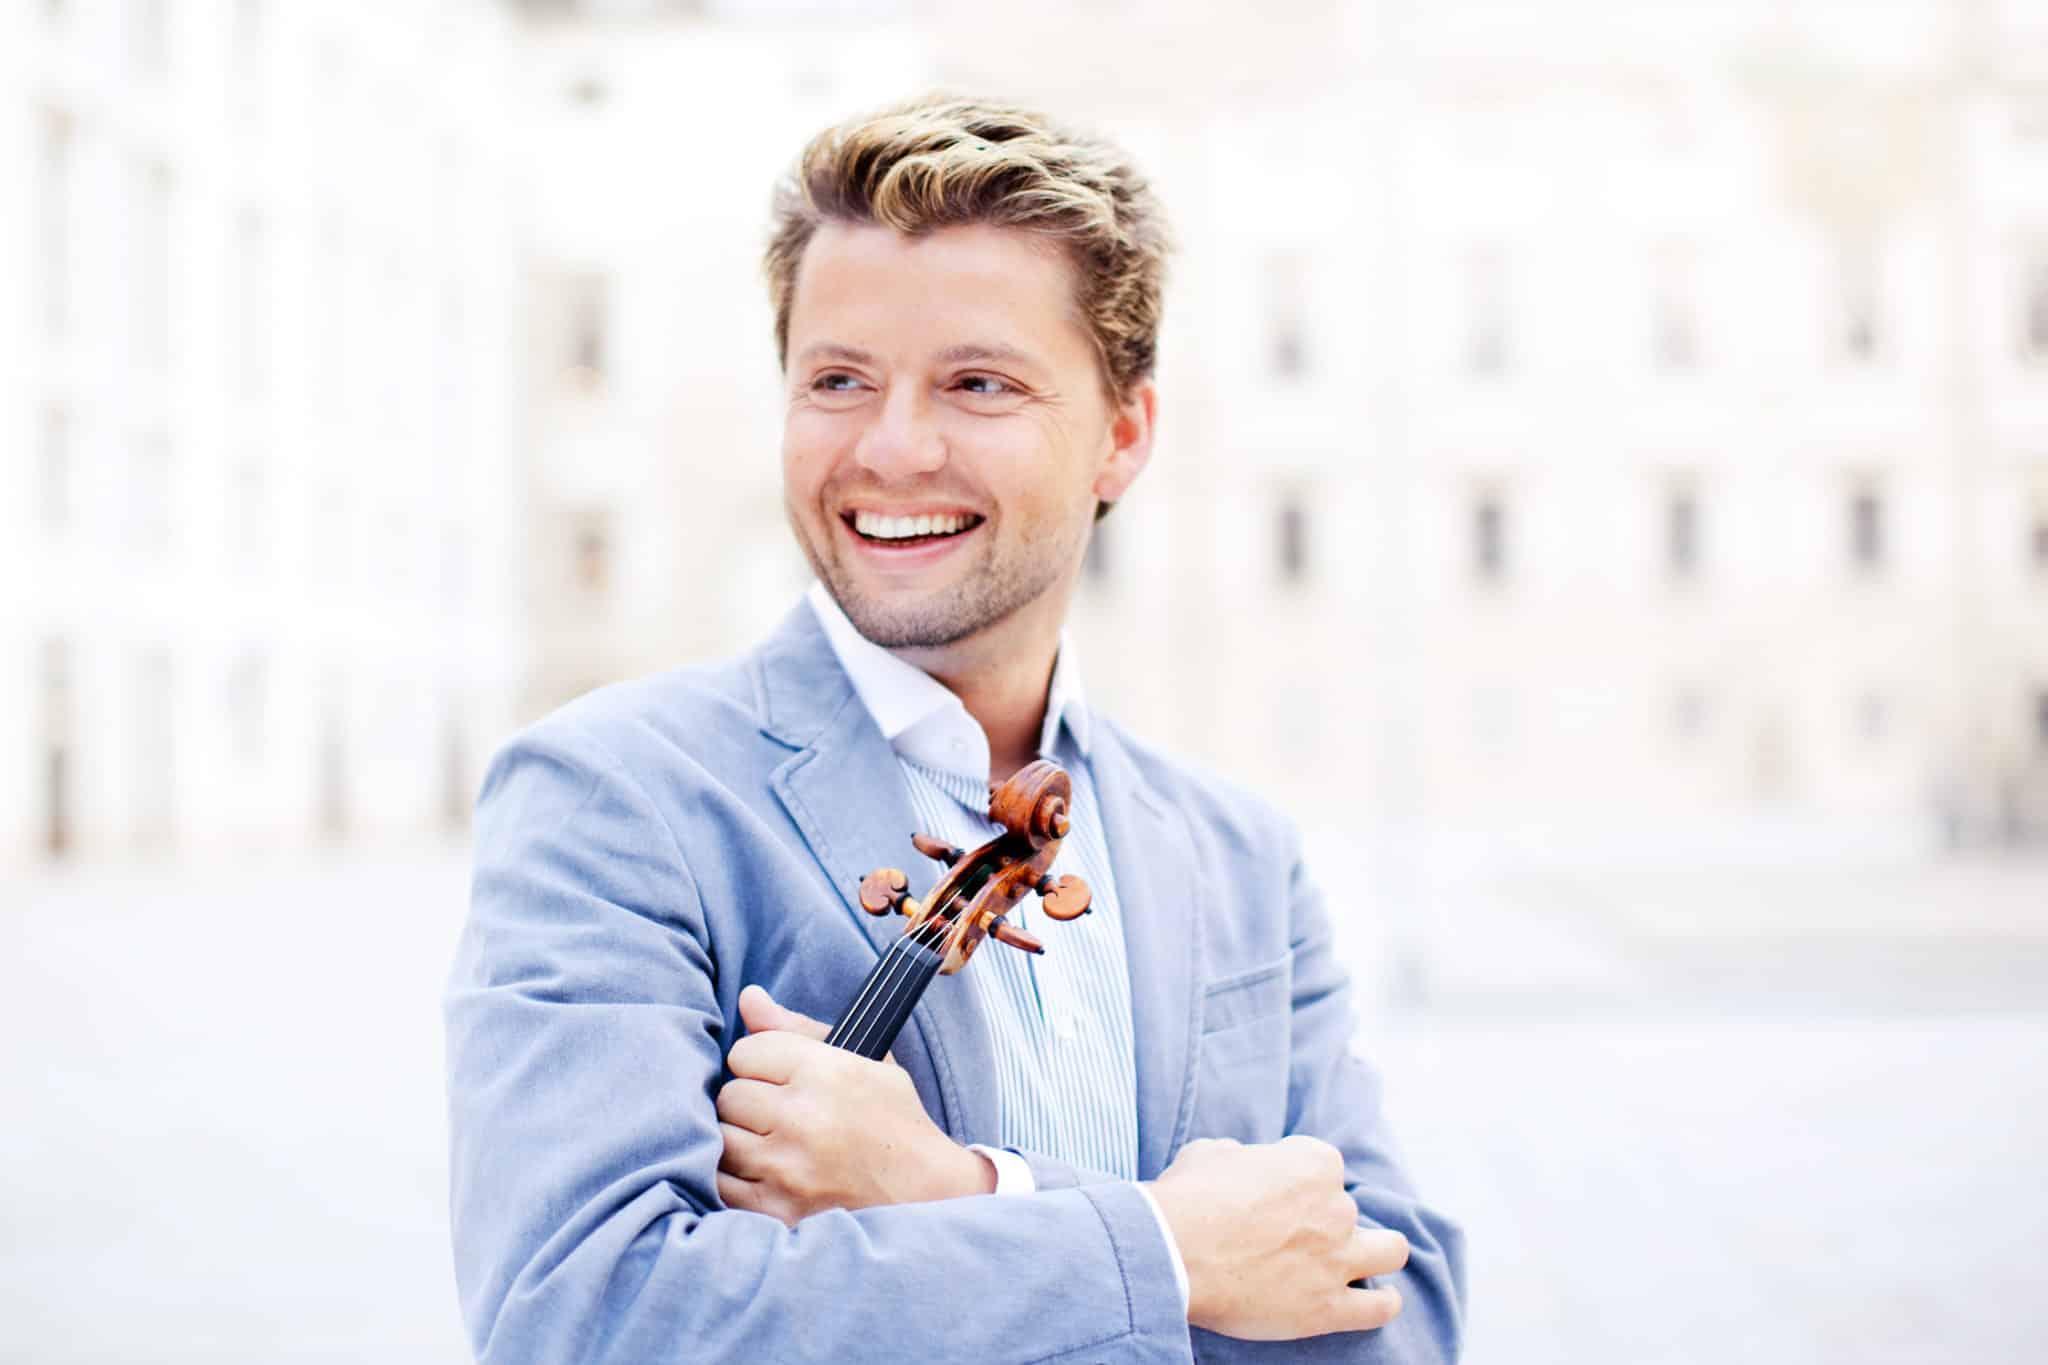 El violinista y director Julián Rachlin que actuará junto a la OSIB en el festival